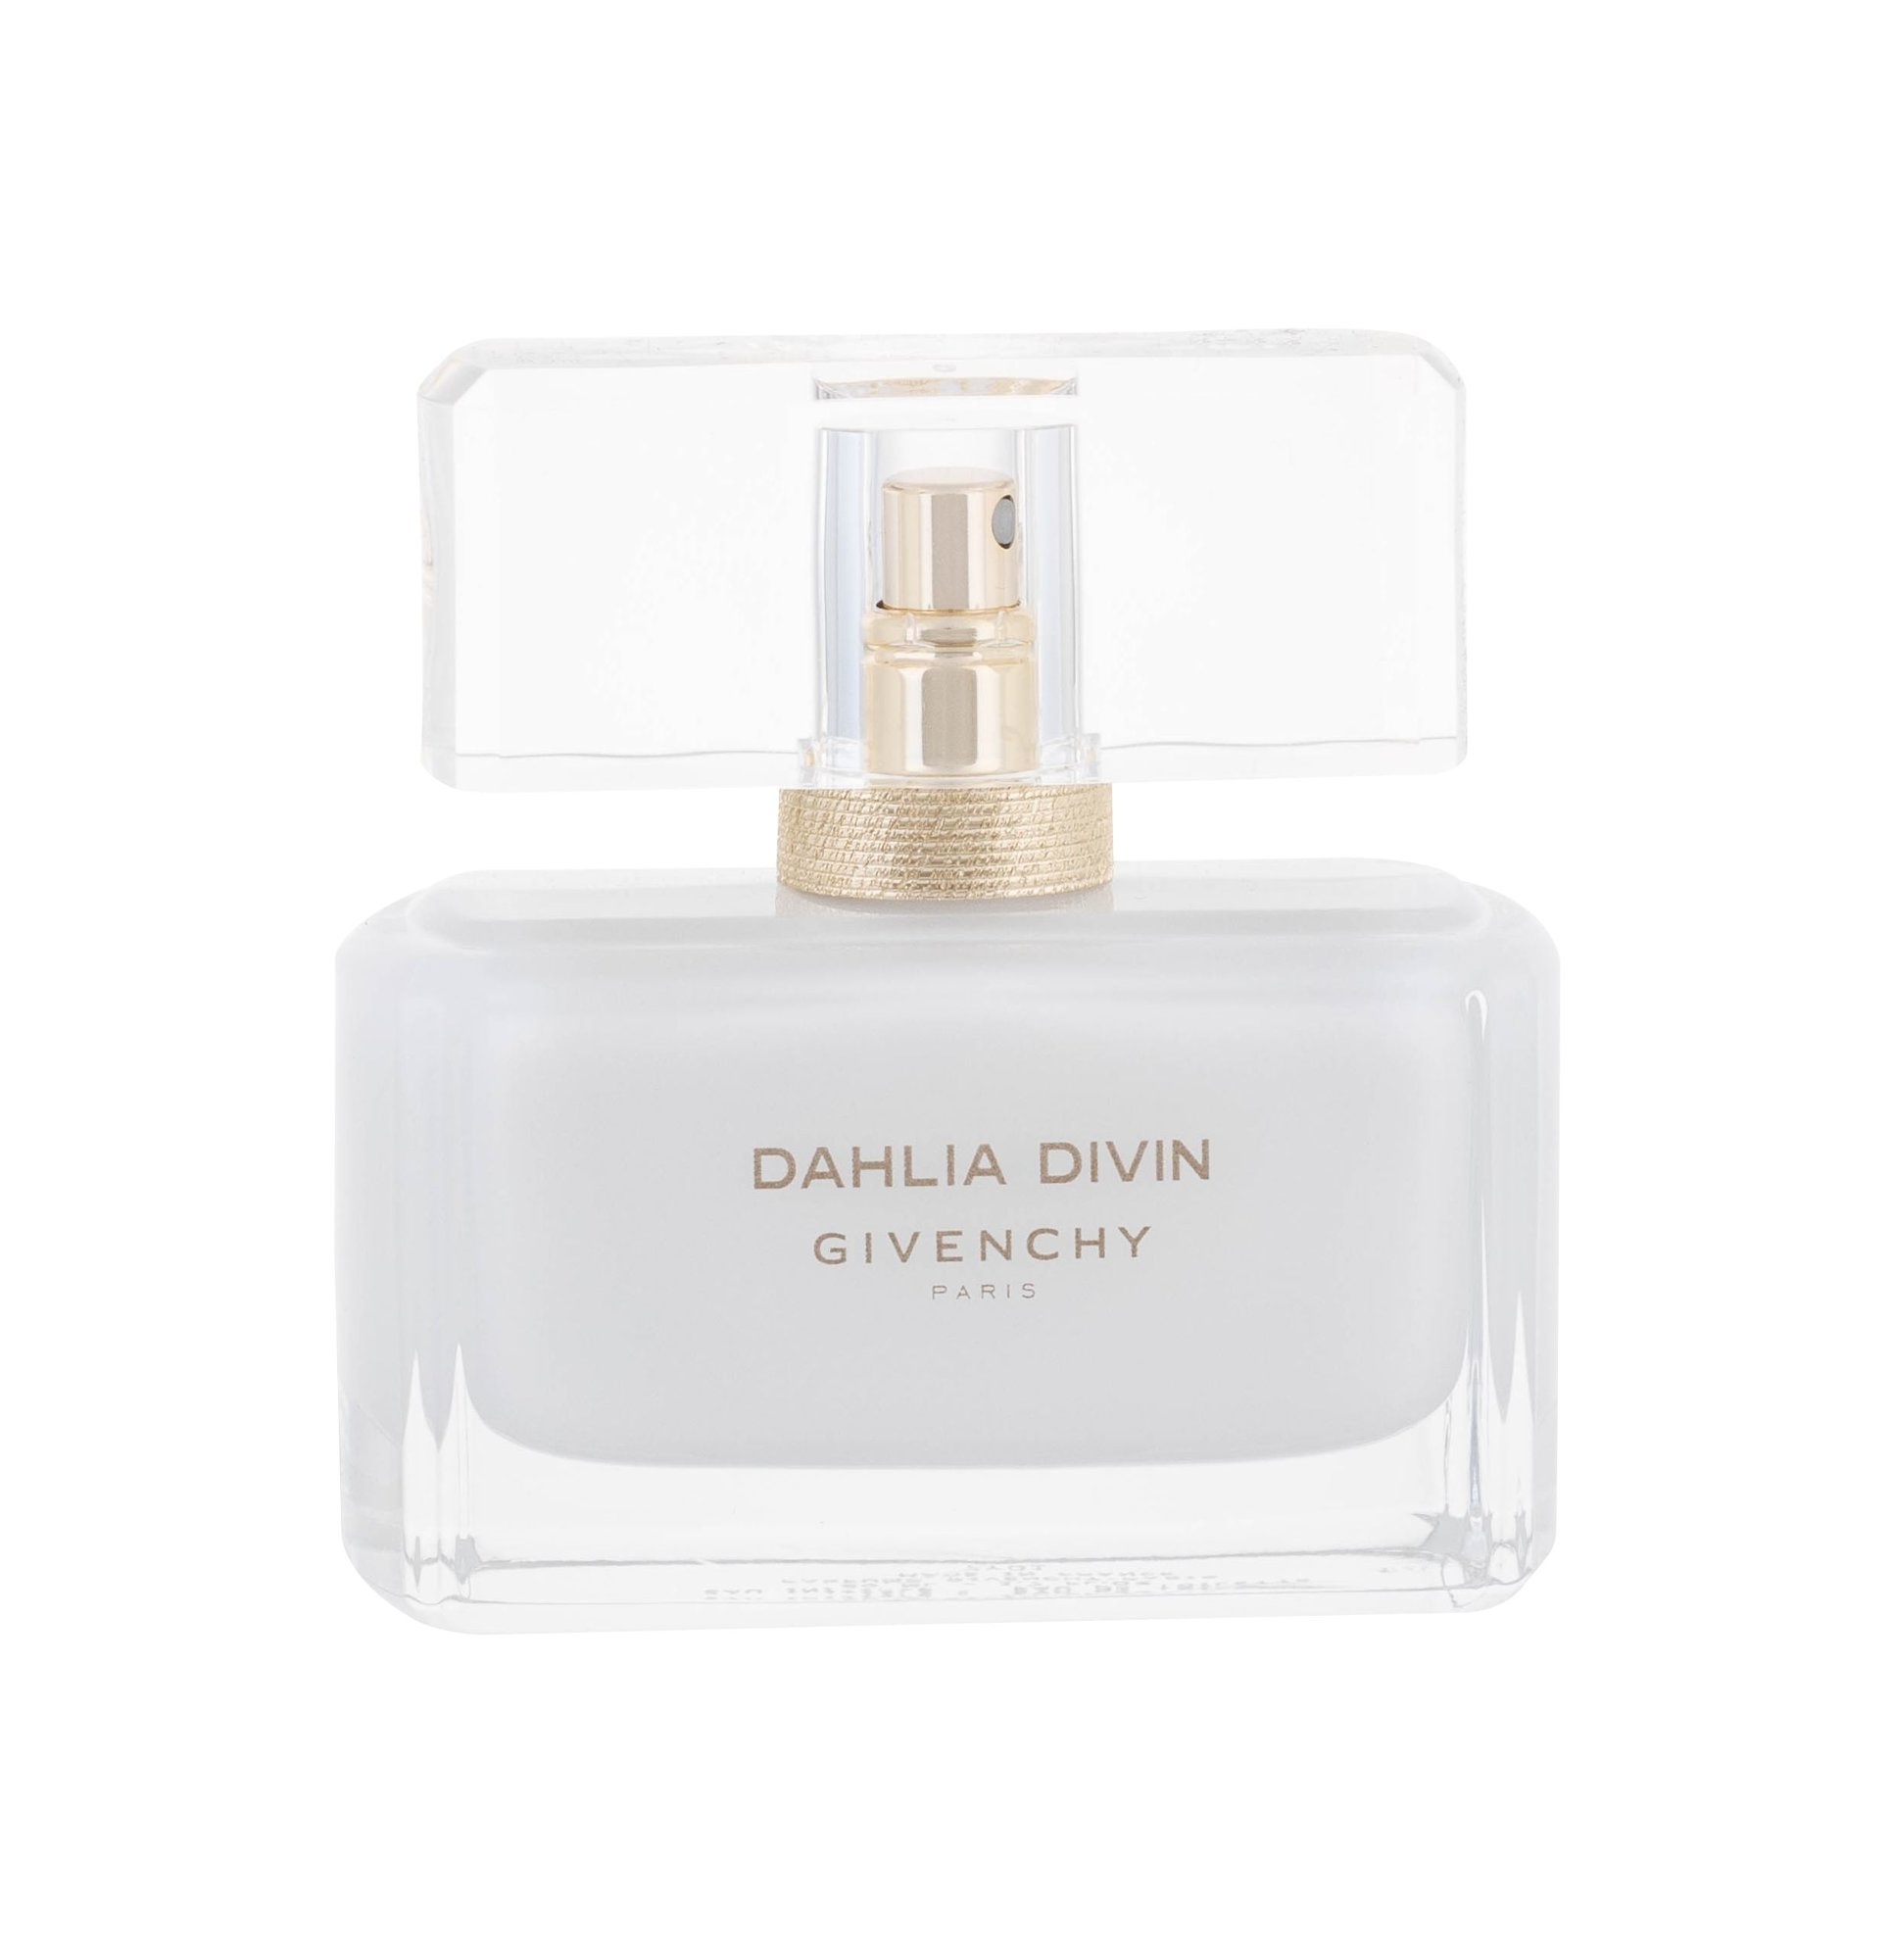 Givenchy Dahlia Divin Eau Initiale Eau de Toilette 50ml